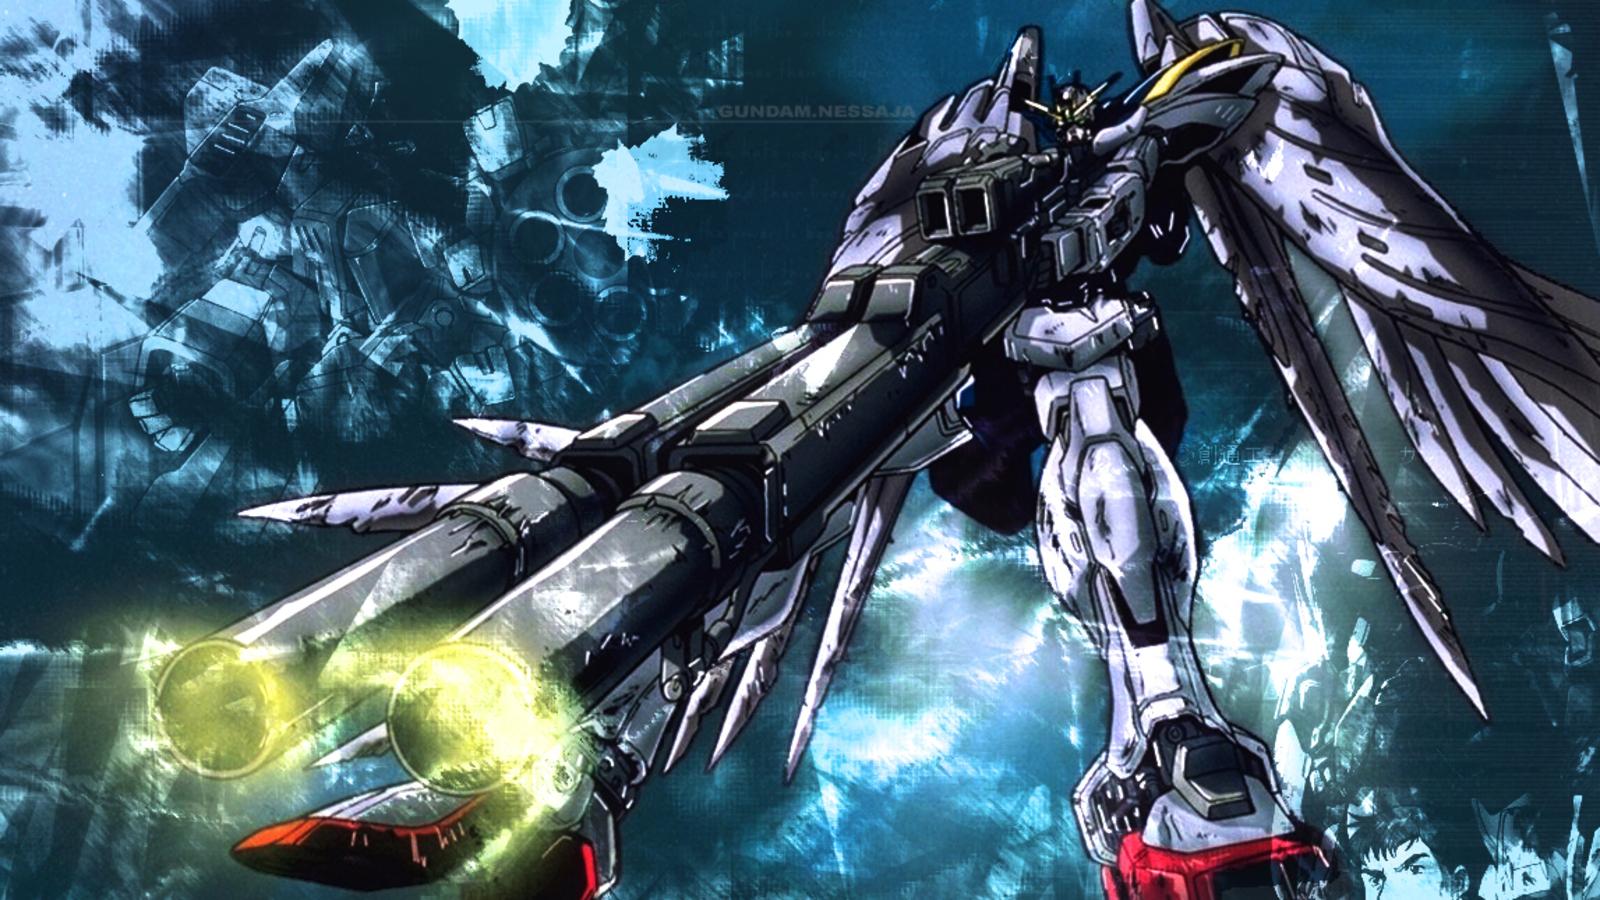 Mobile suit gundam wallpaper wallpapersafari - Gundam wallpaper hd ...